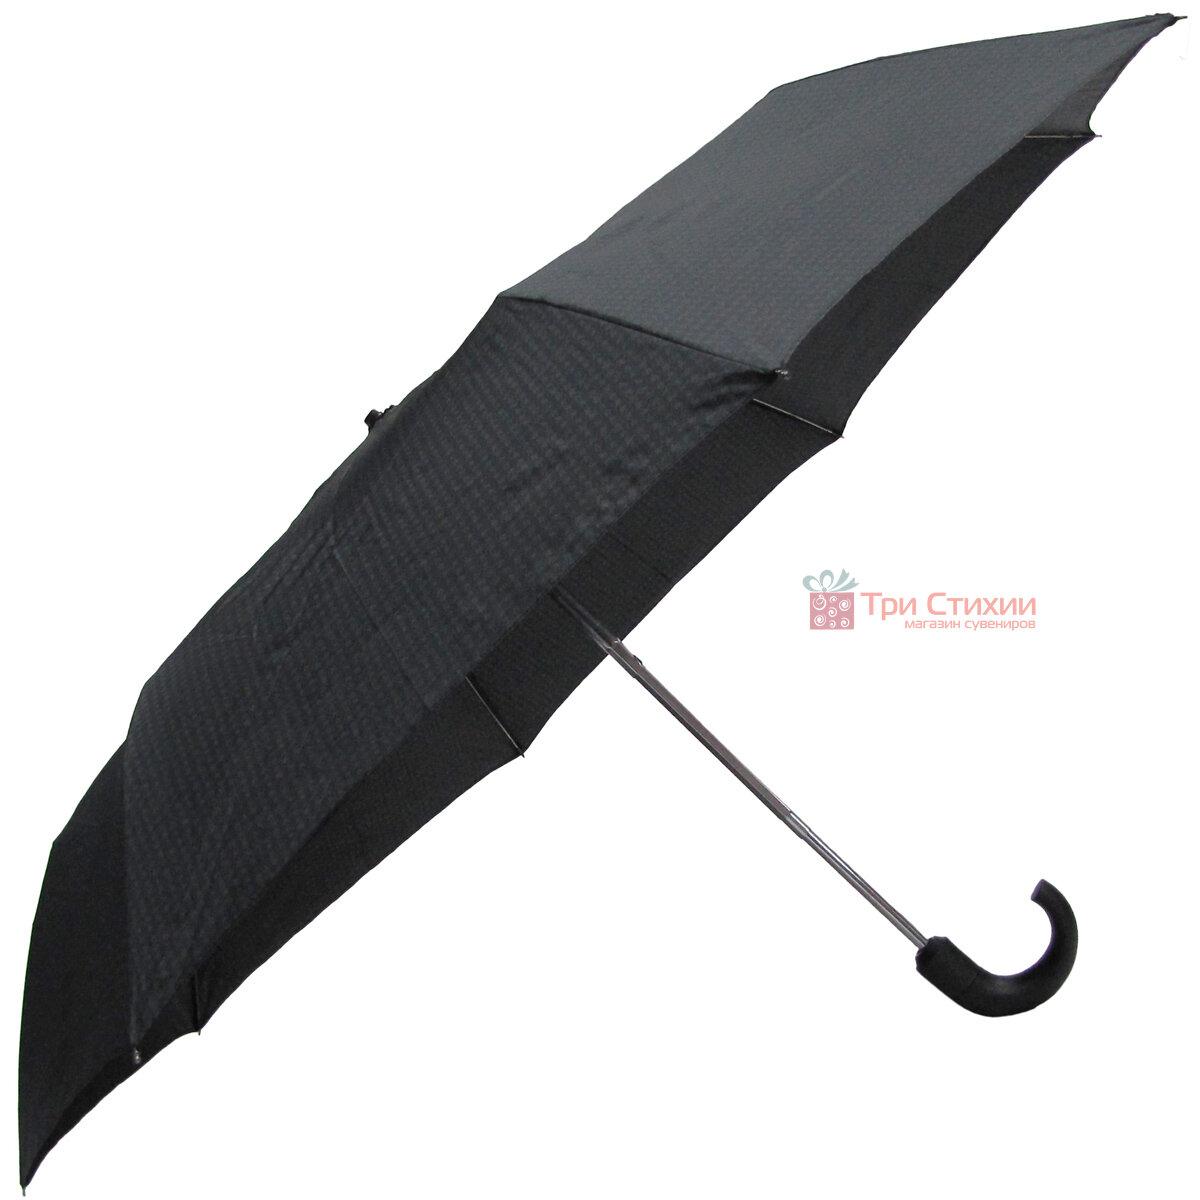 Зонт складной Doppler 74667G-5 полный автомат Лапки, фото